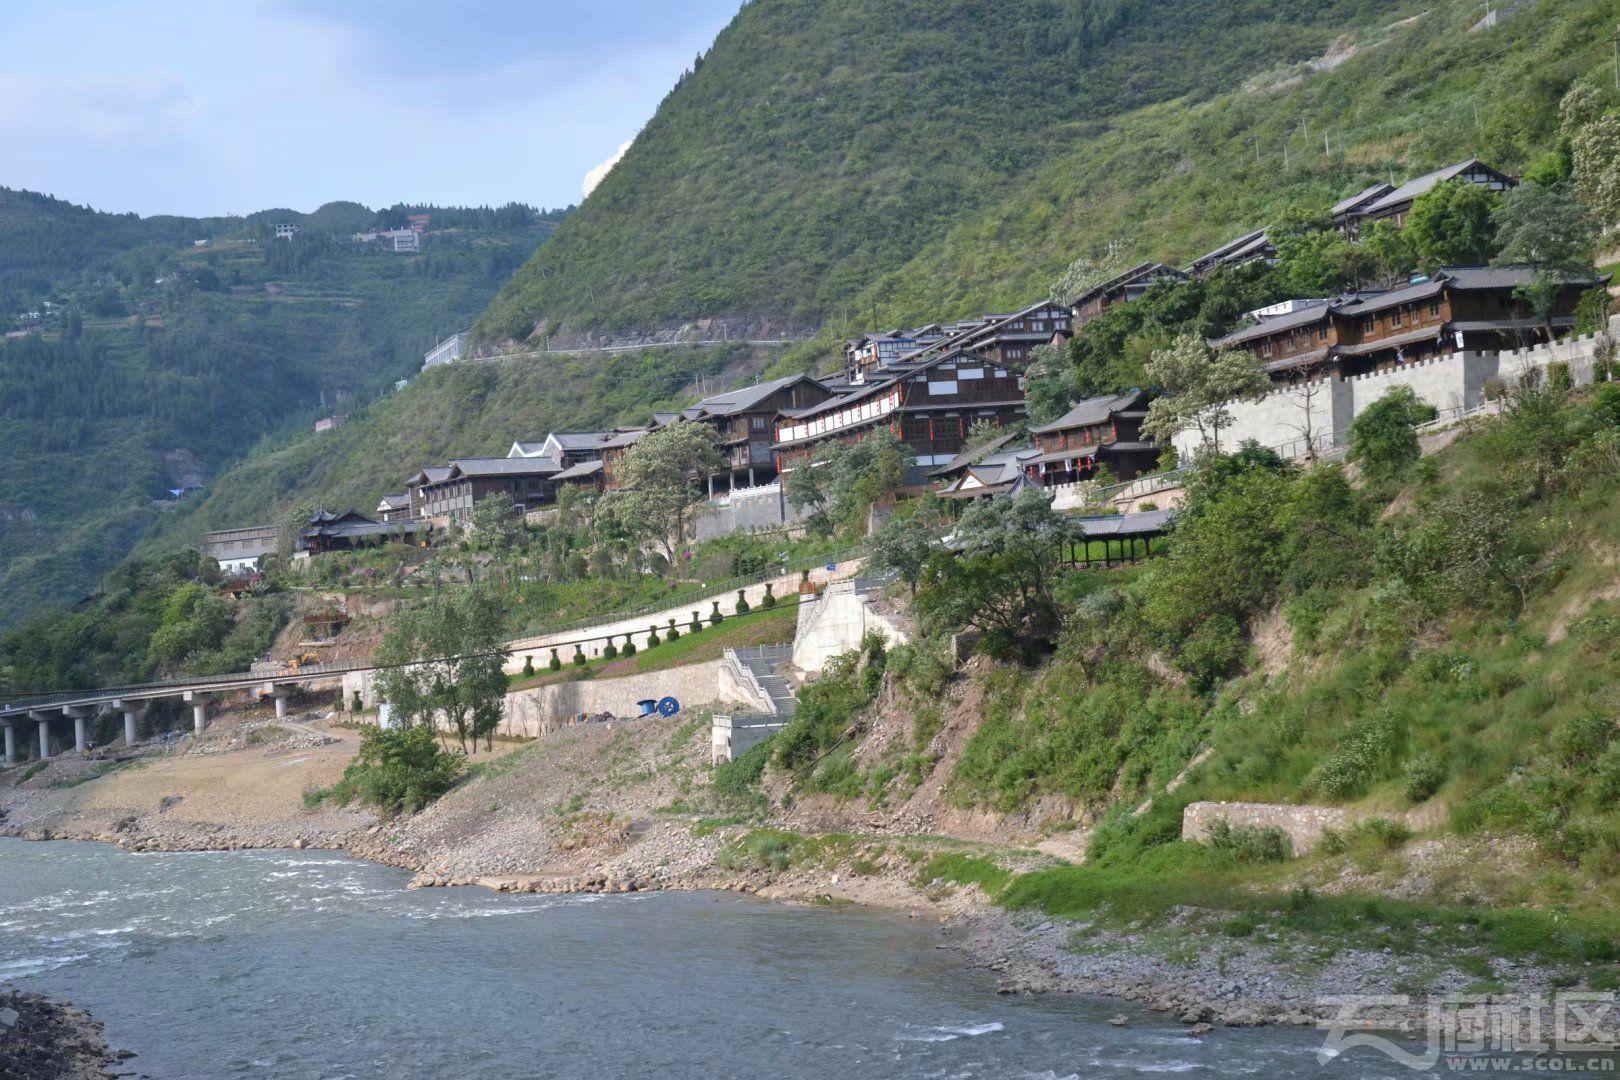 贵州马桑坪2018年整修一新psb.jpg